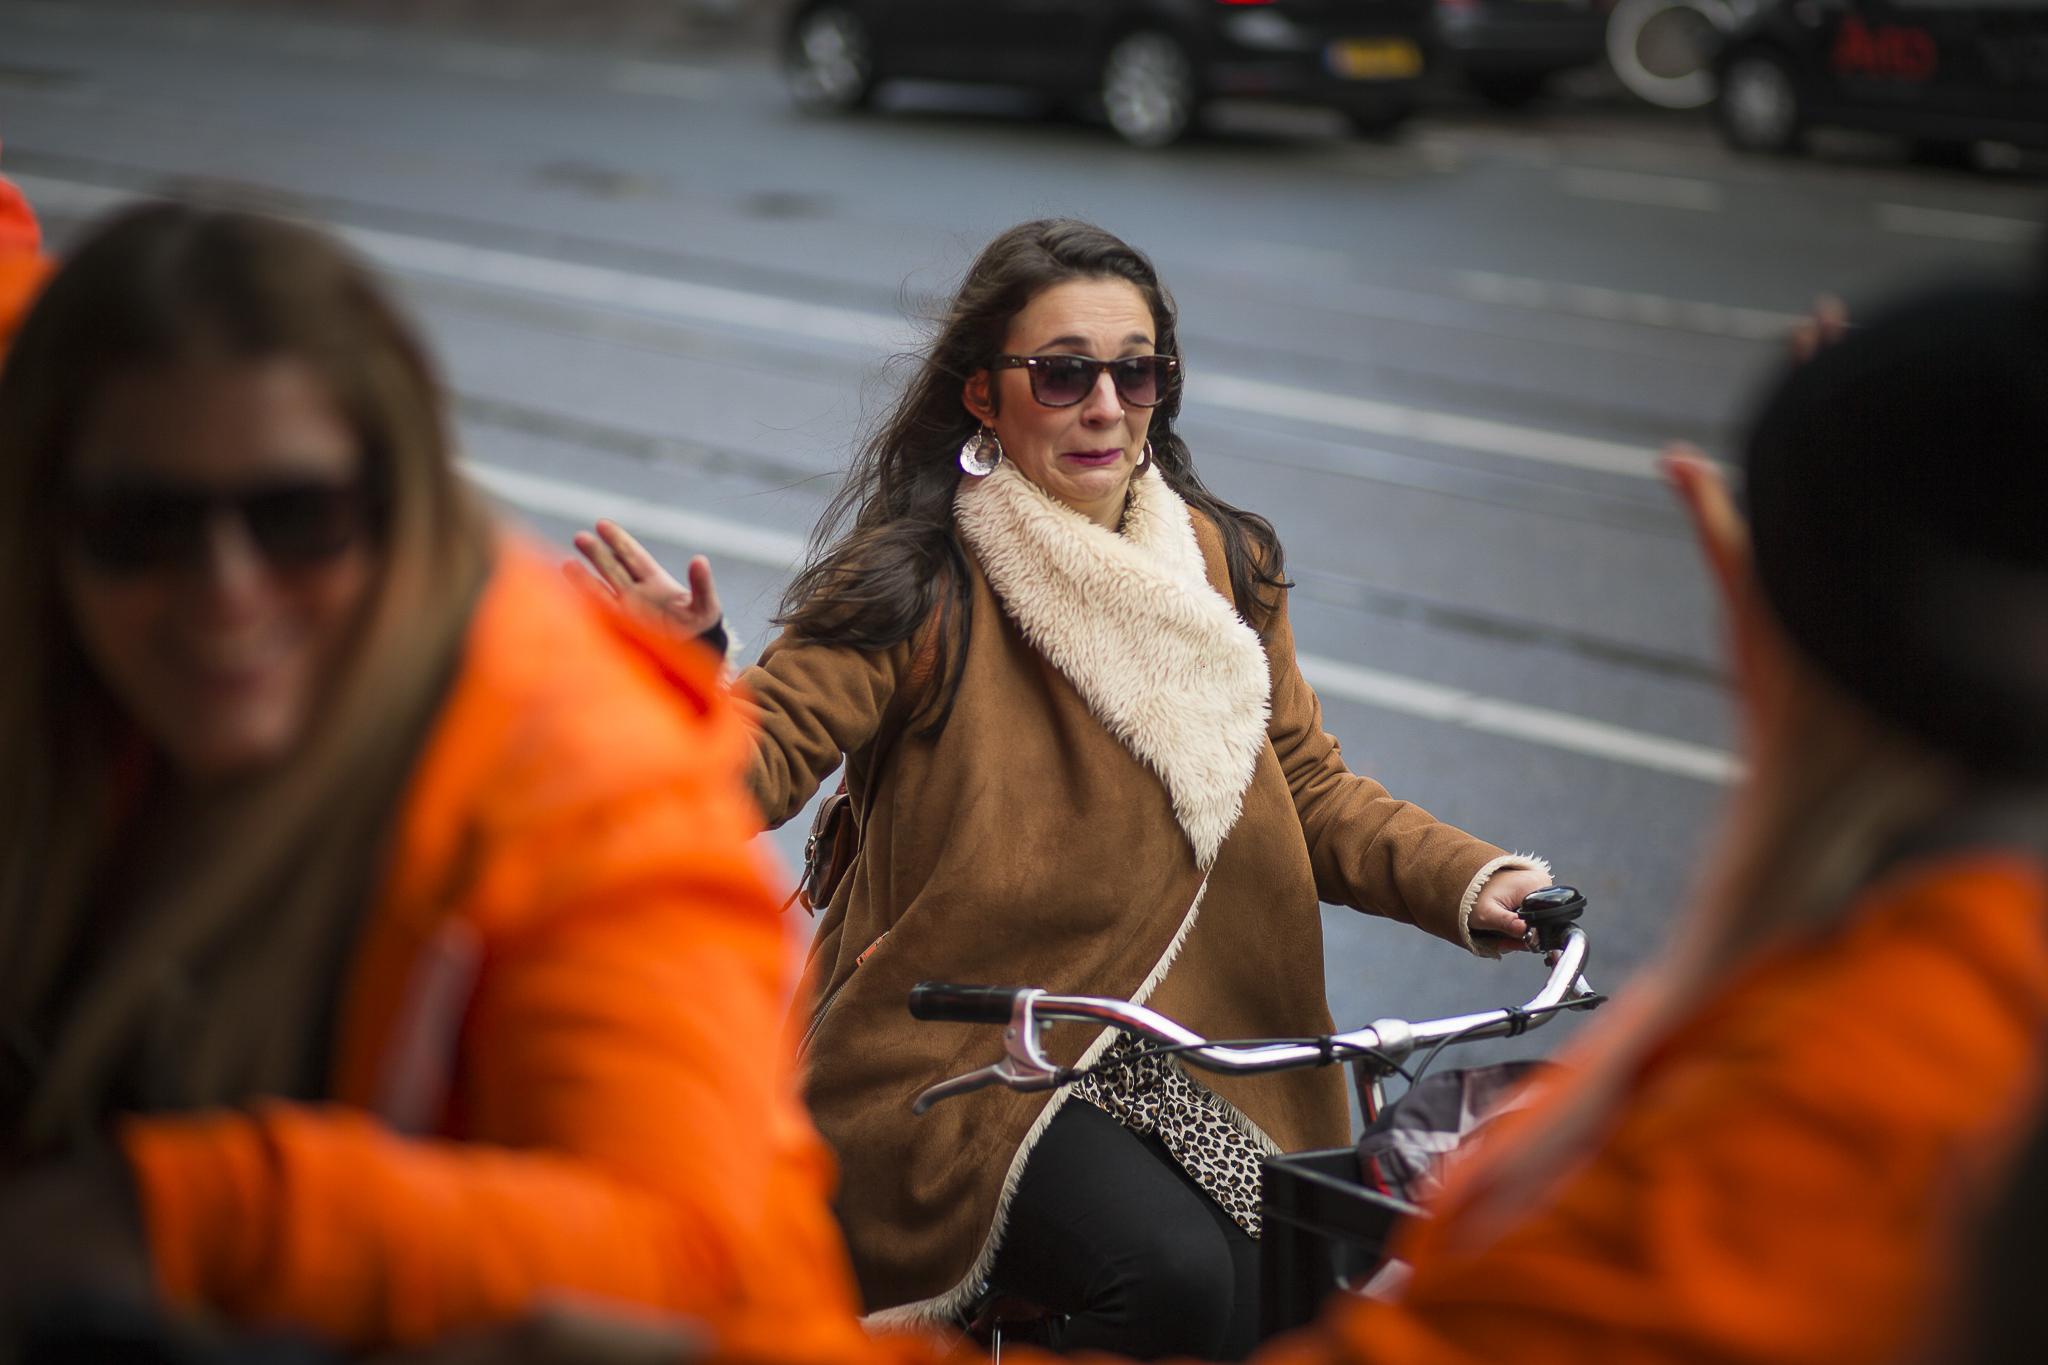 Onbekende voorbijganger, Bierfietstour - Amsterdam, 2016